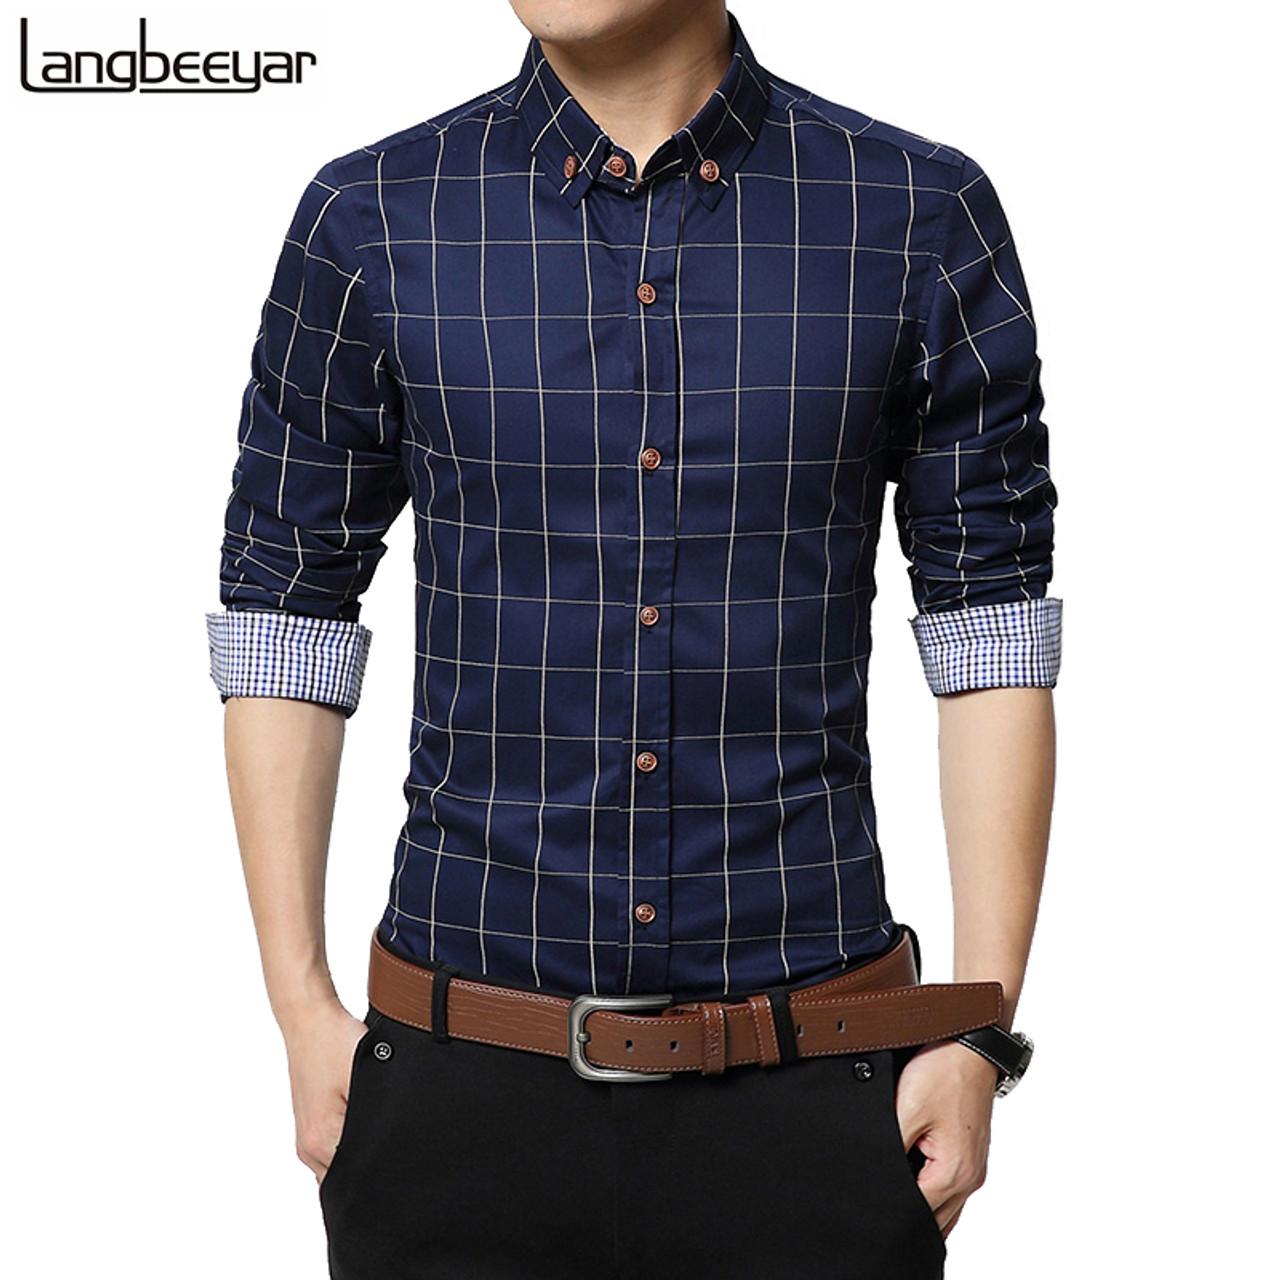 49f2b7d6d2d9 New Autumn Fashion Brand Men Clothes Slim Fit Men Long Sleeve Shirt Men  Plaid Cotton Casual ...